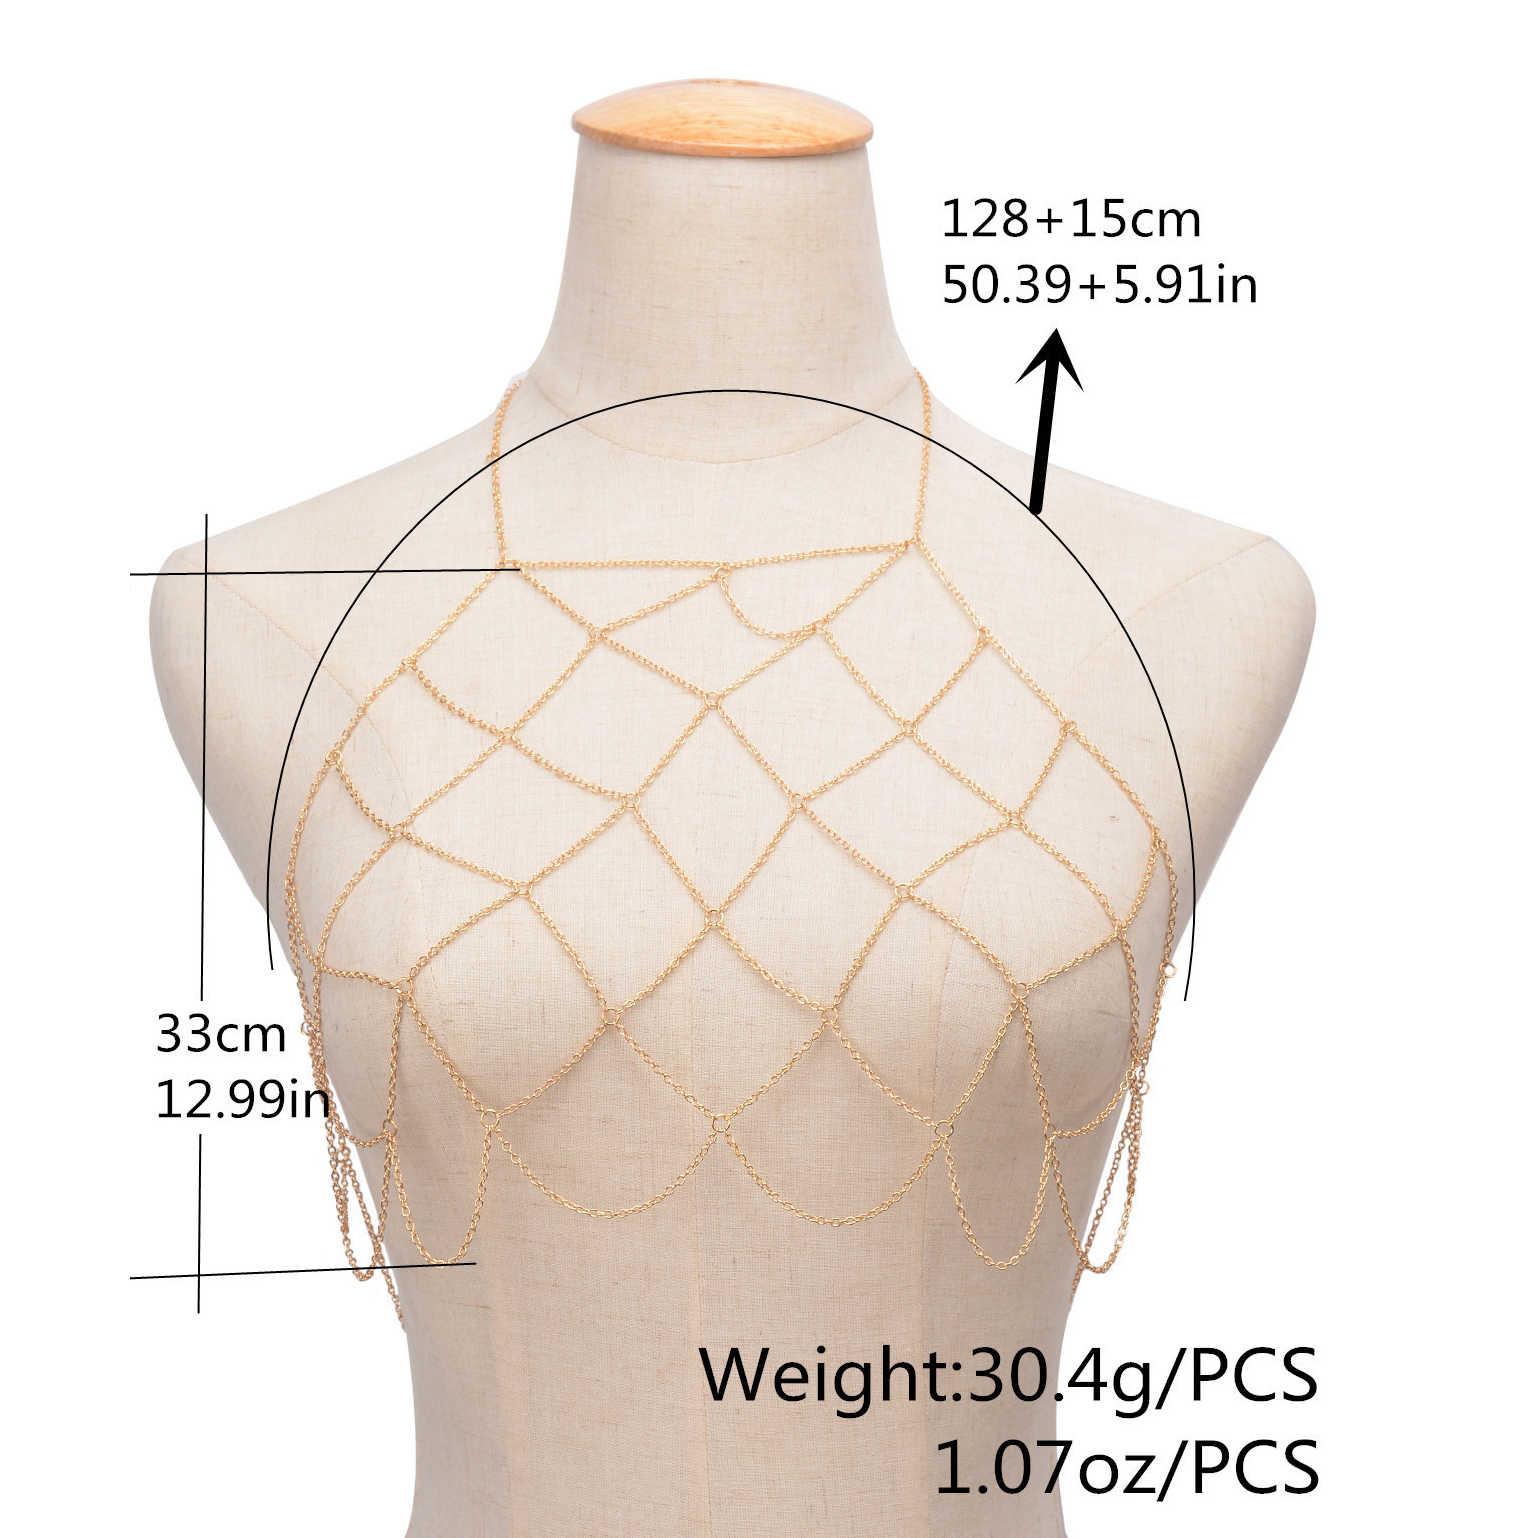 2020 Collares Collier Bikini vücut zinciri demeti Bohemian takı seksi meme sutyen Maxi kolye kadın aksesuarları Bijoux Femme